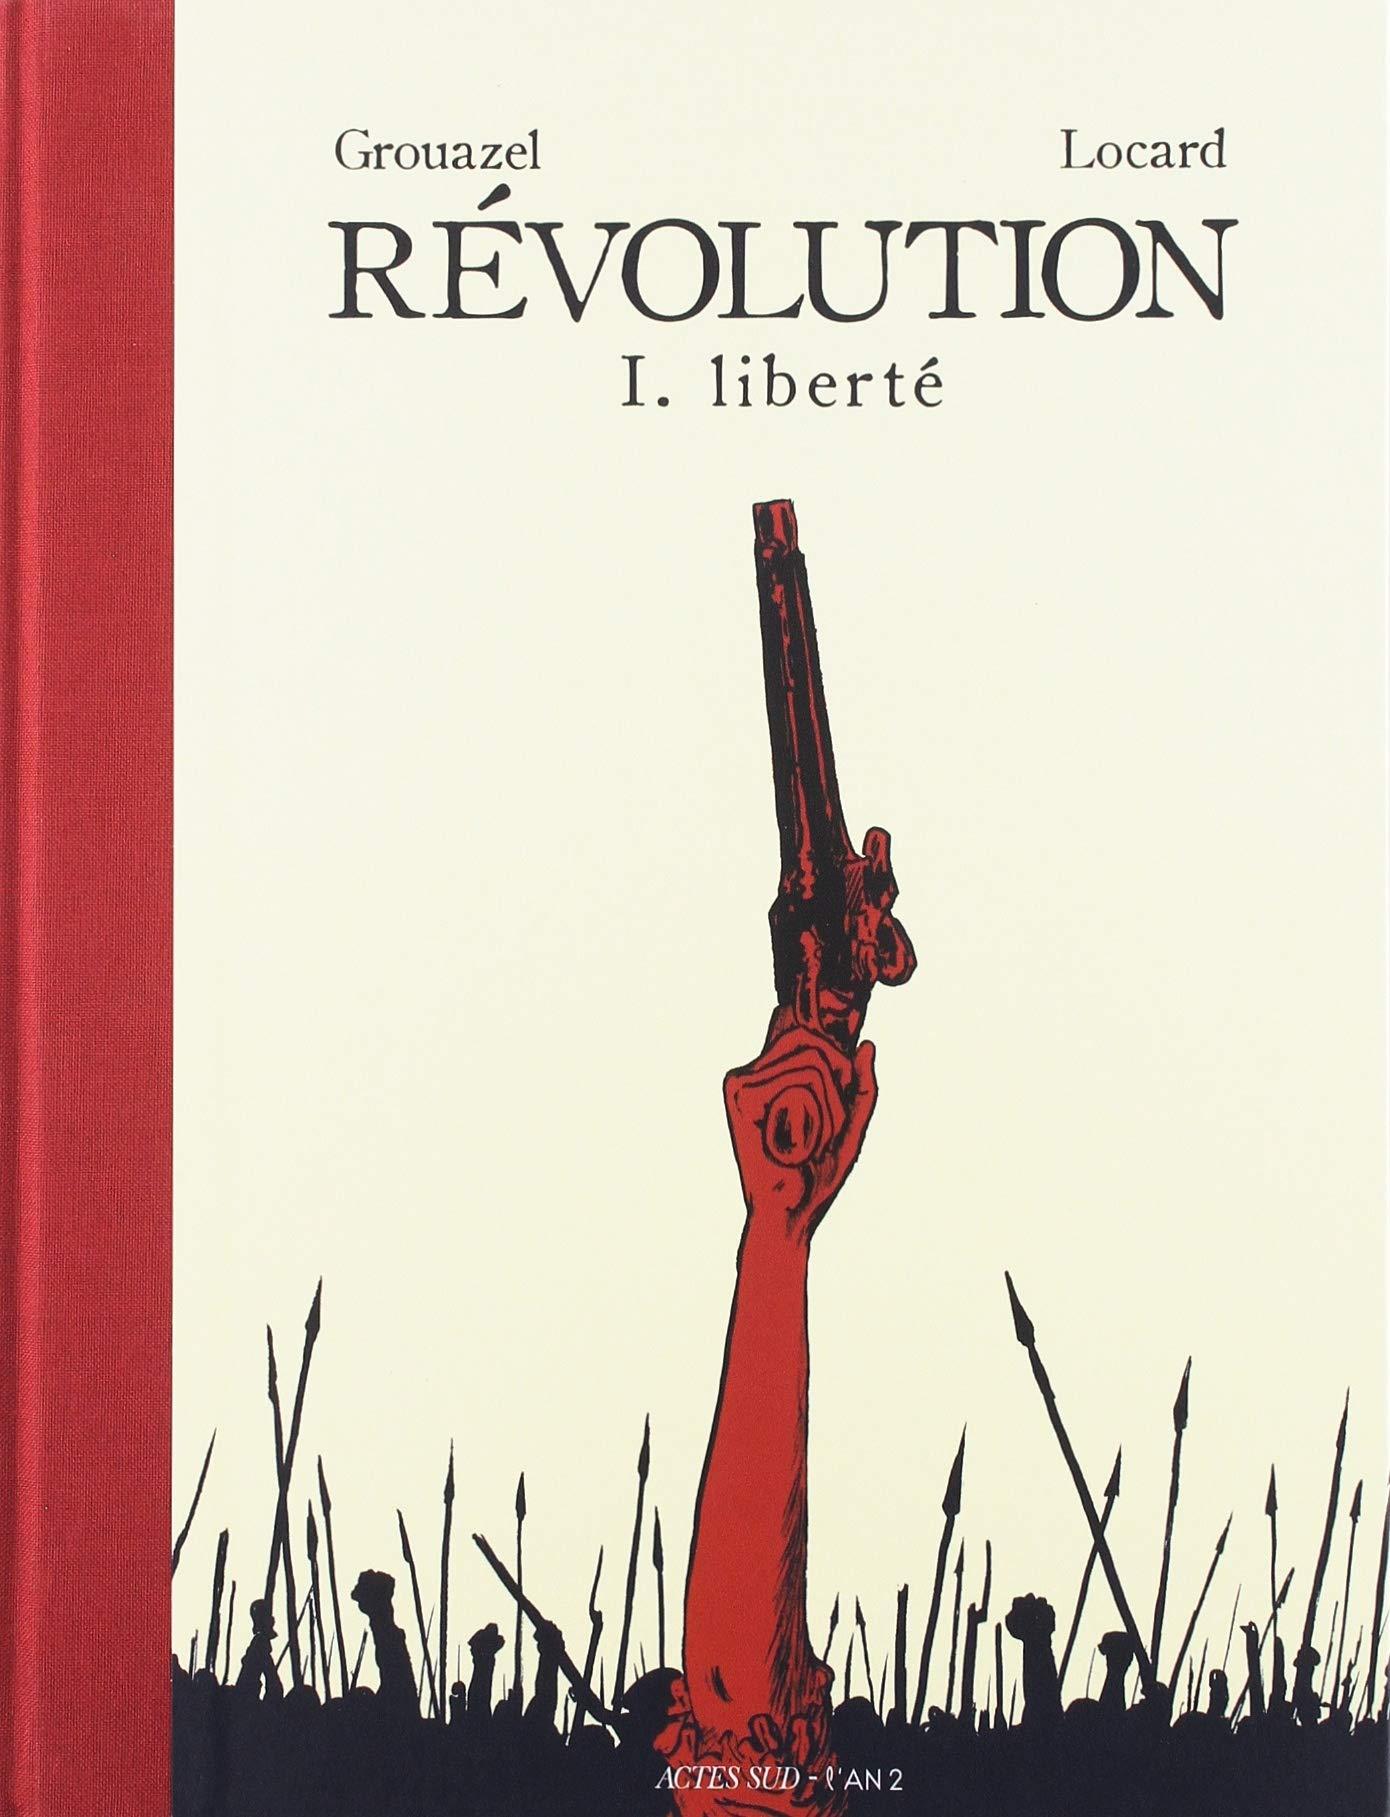 Révolution (Grouazel/Locard) 1 - Liberté